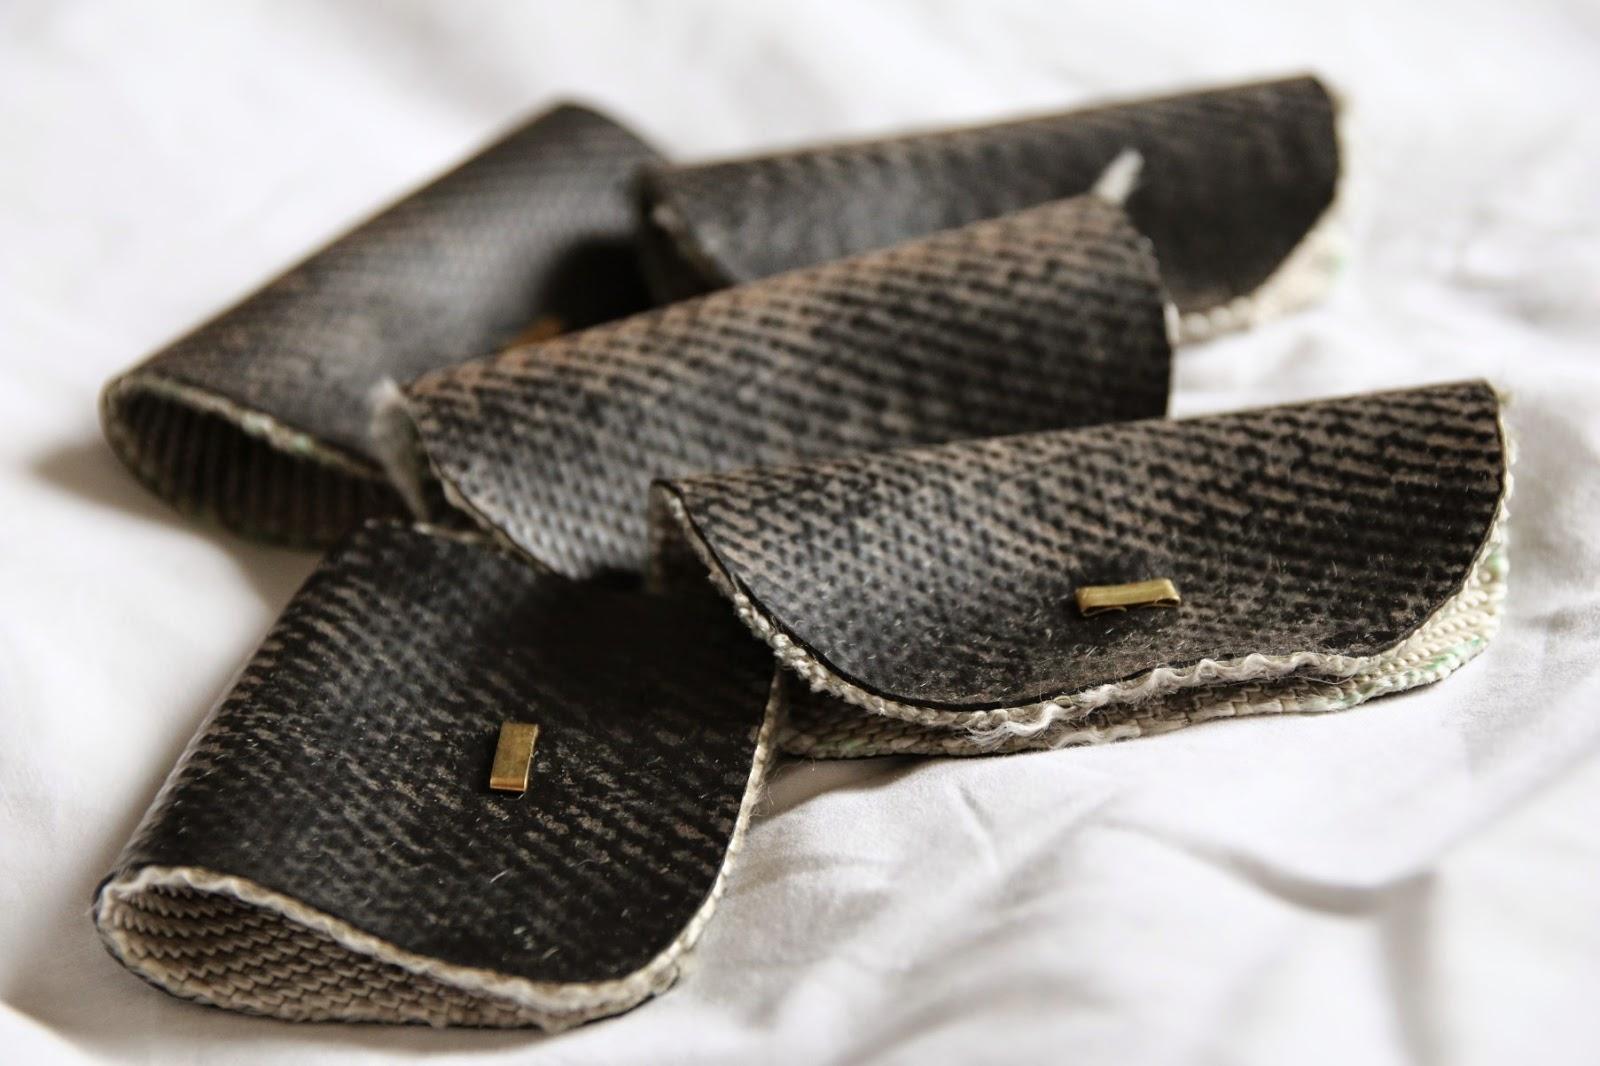 Kabelhäuschen aus Feuerwehrschlauch und Briefklemmen / Cable cuffs made from fire hose / Upcycling